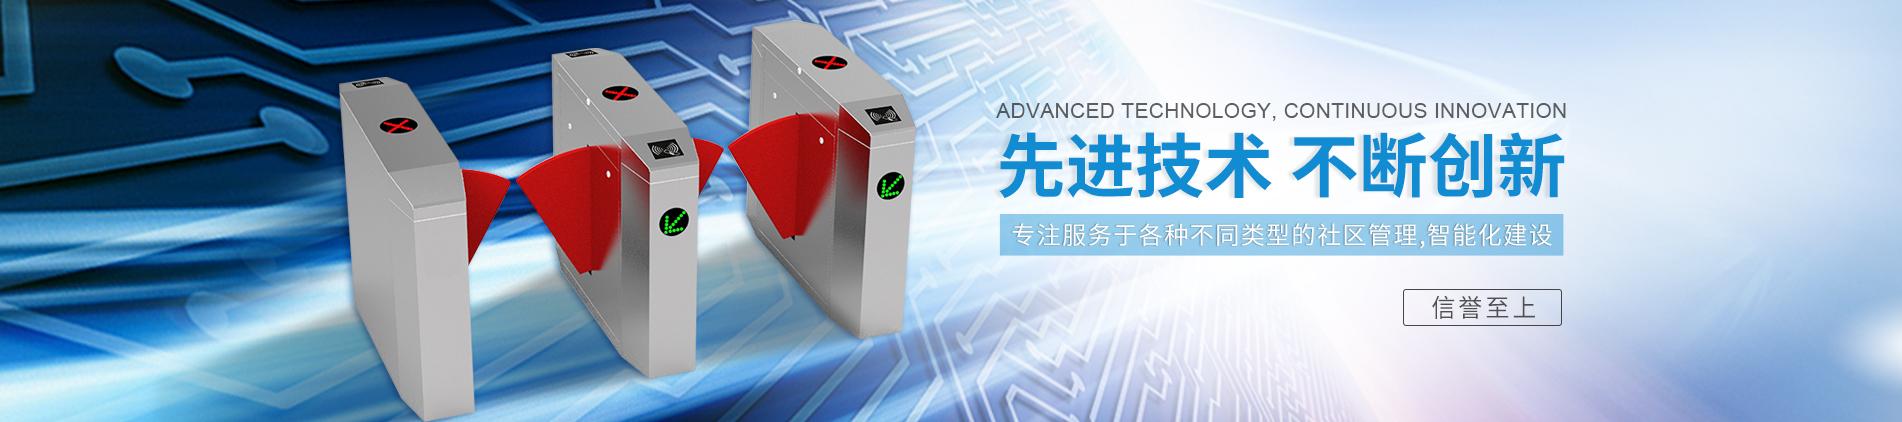 上海letou乐投智能化建设技术